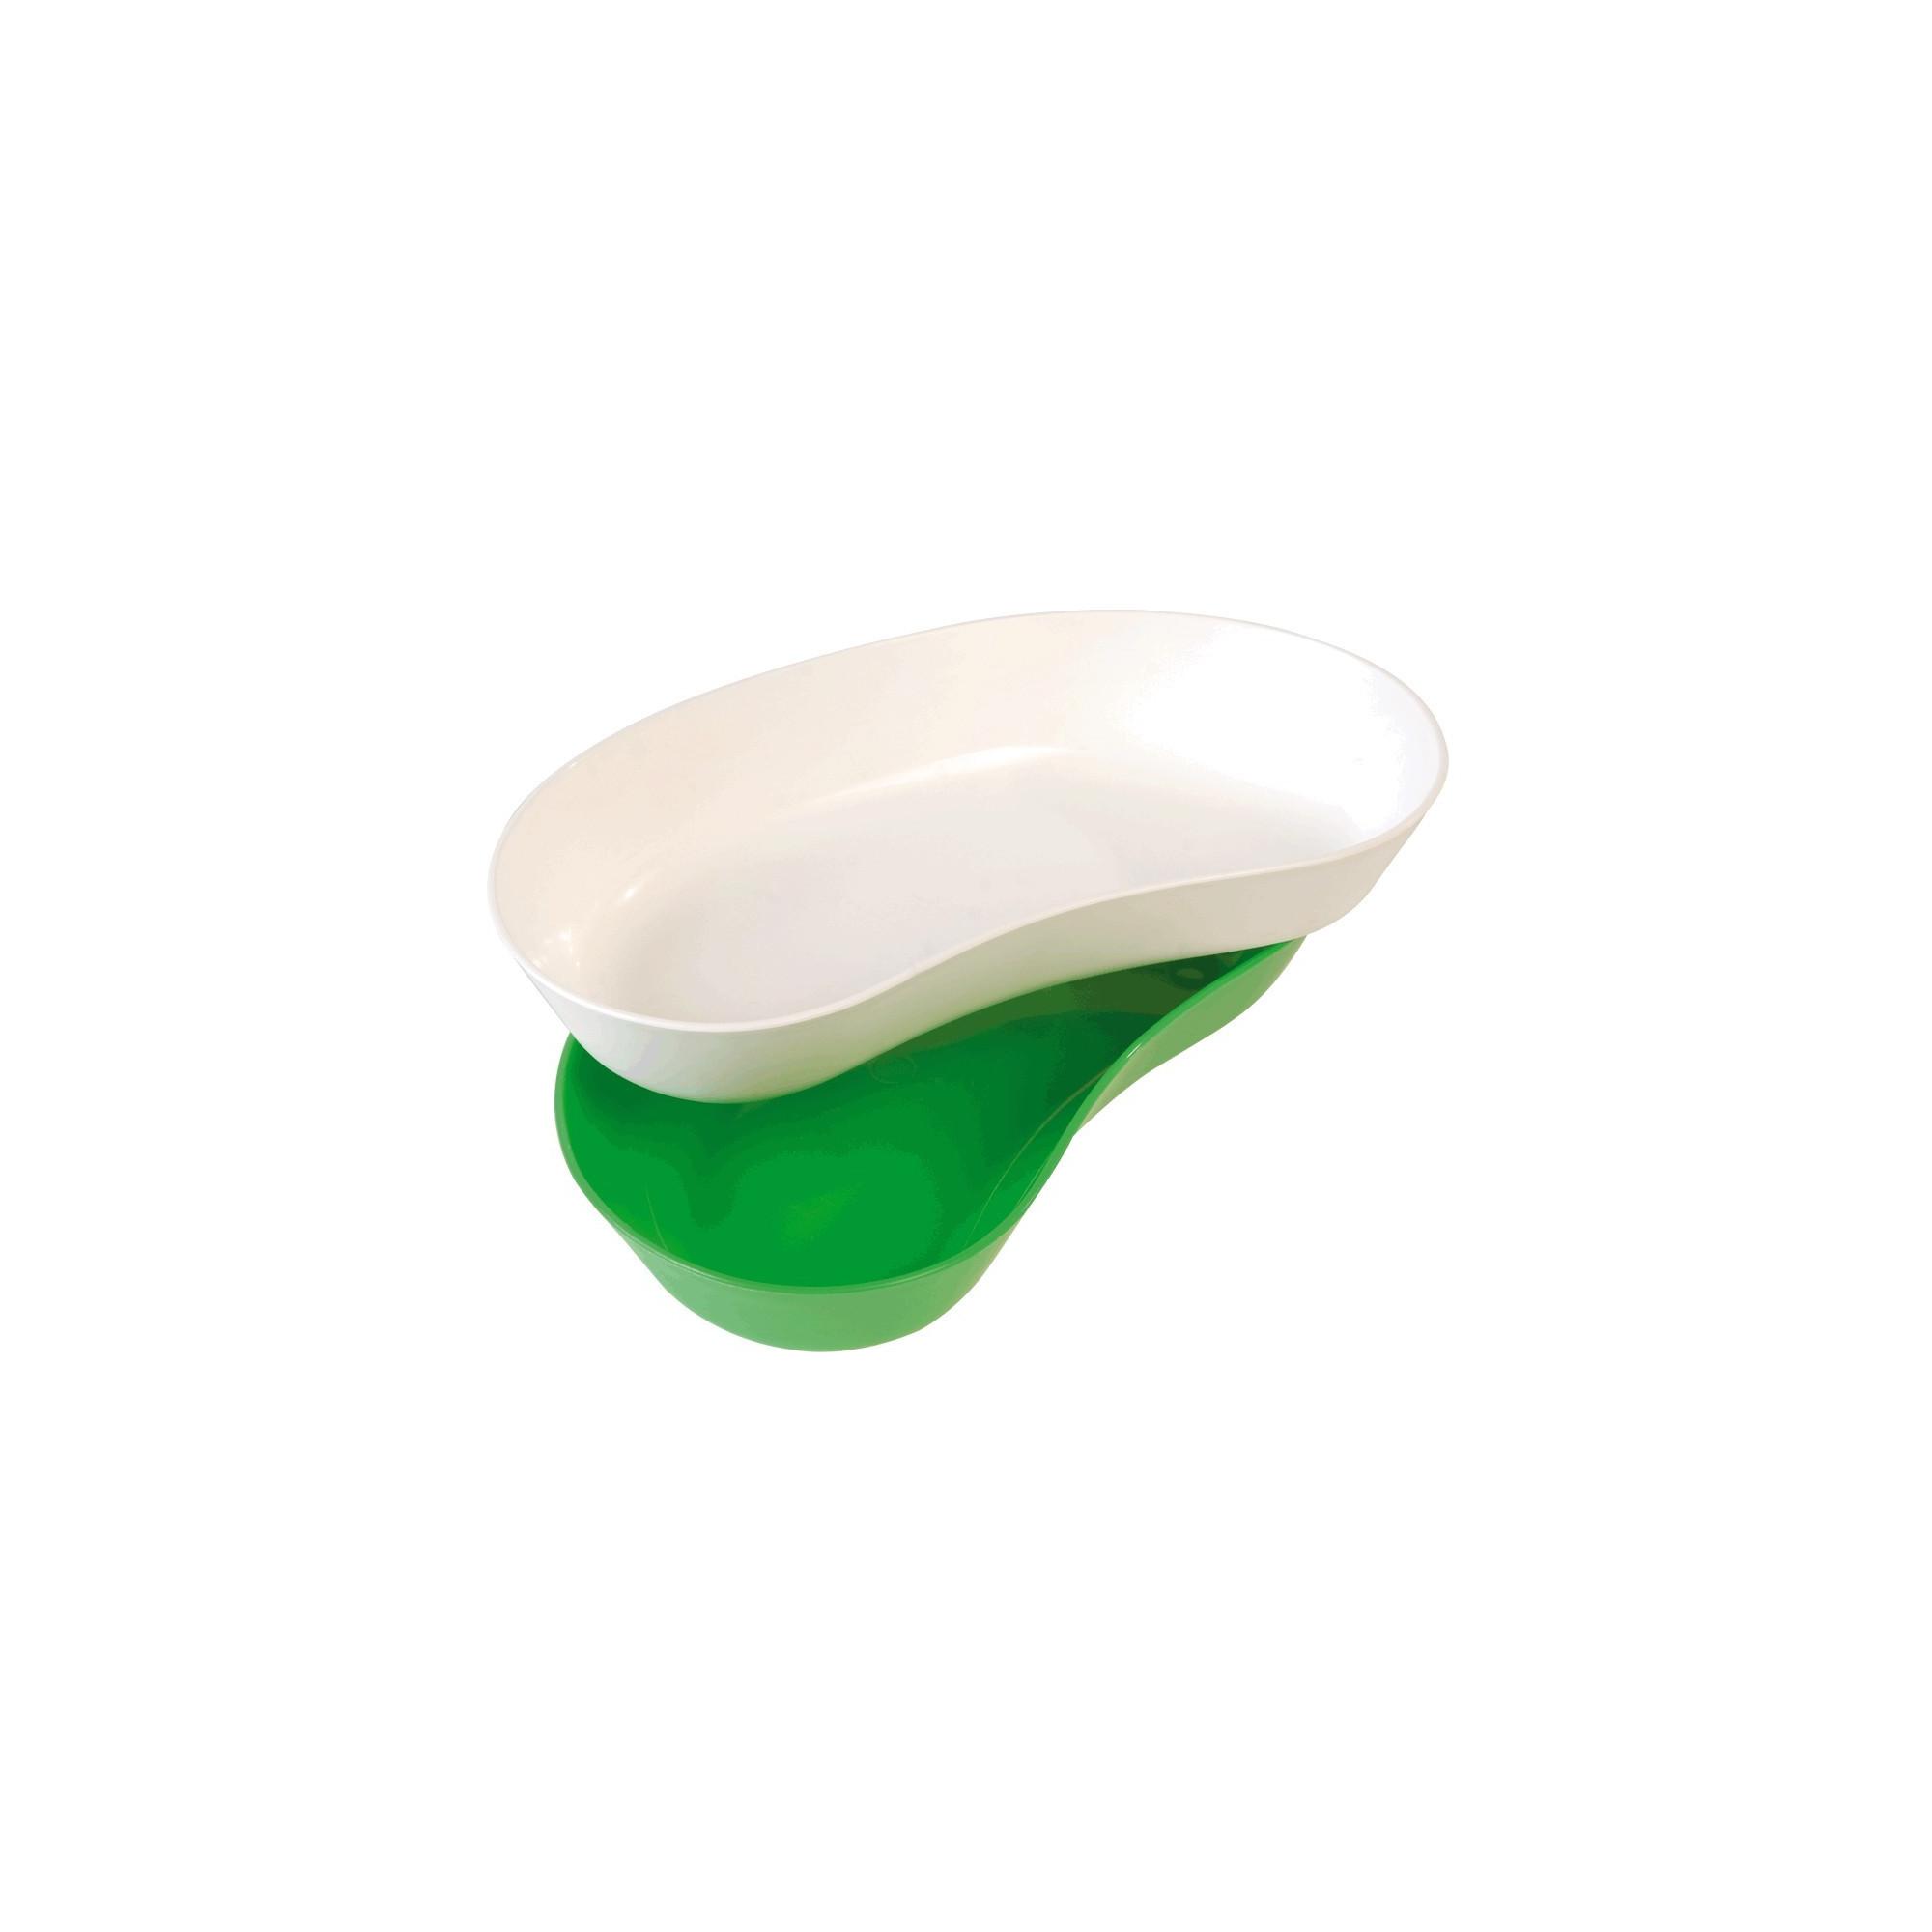 Haricot pour déchets de soins en plastique